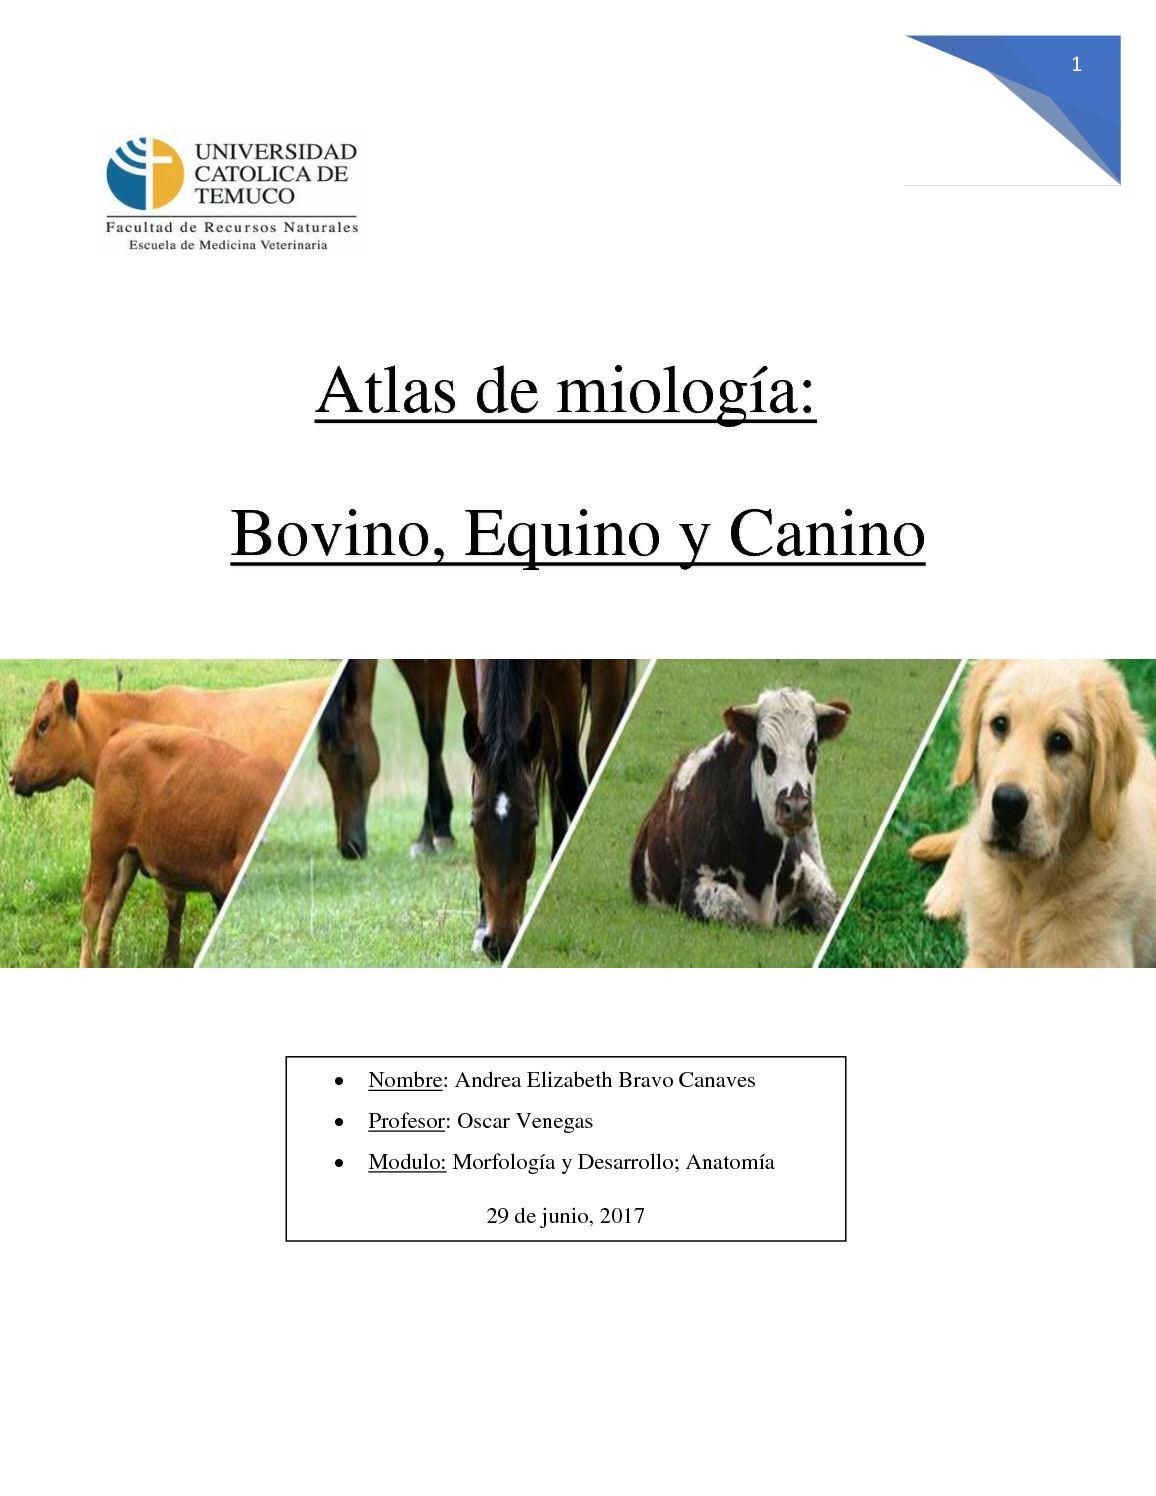 Calaméo - Atlas De Miología Veterinaria